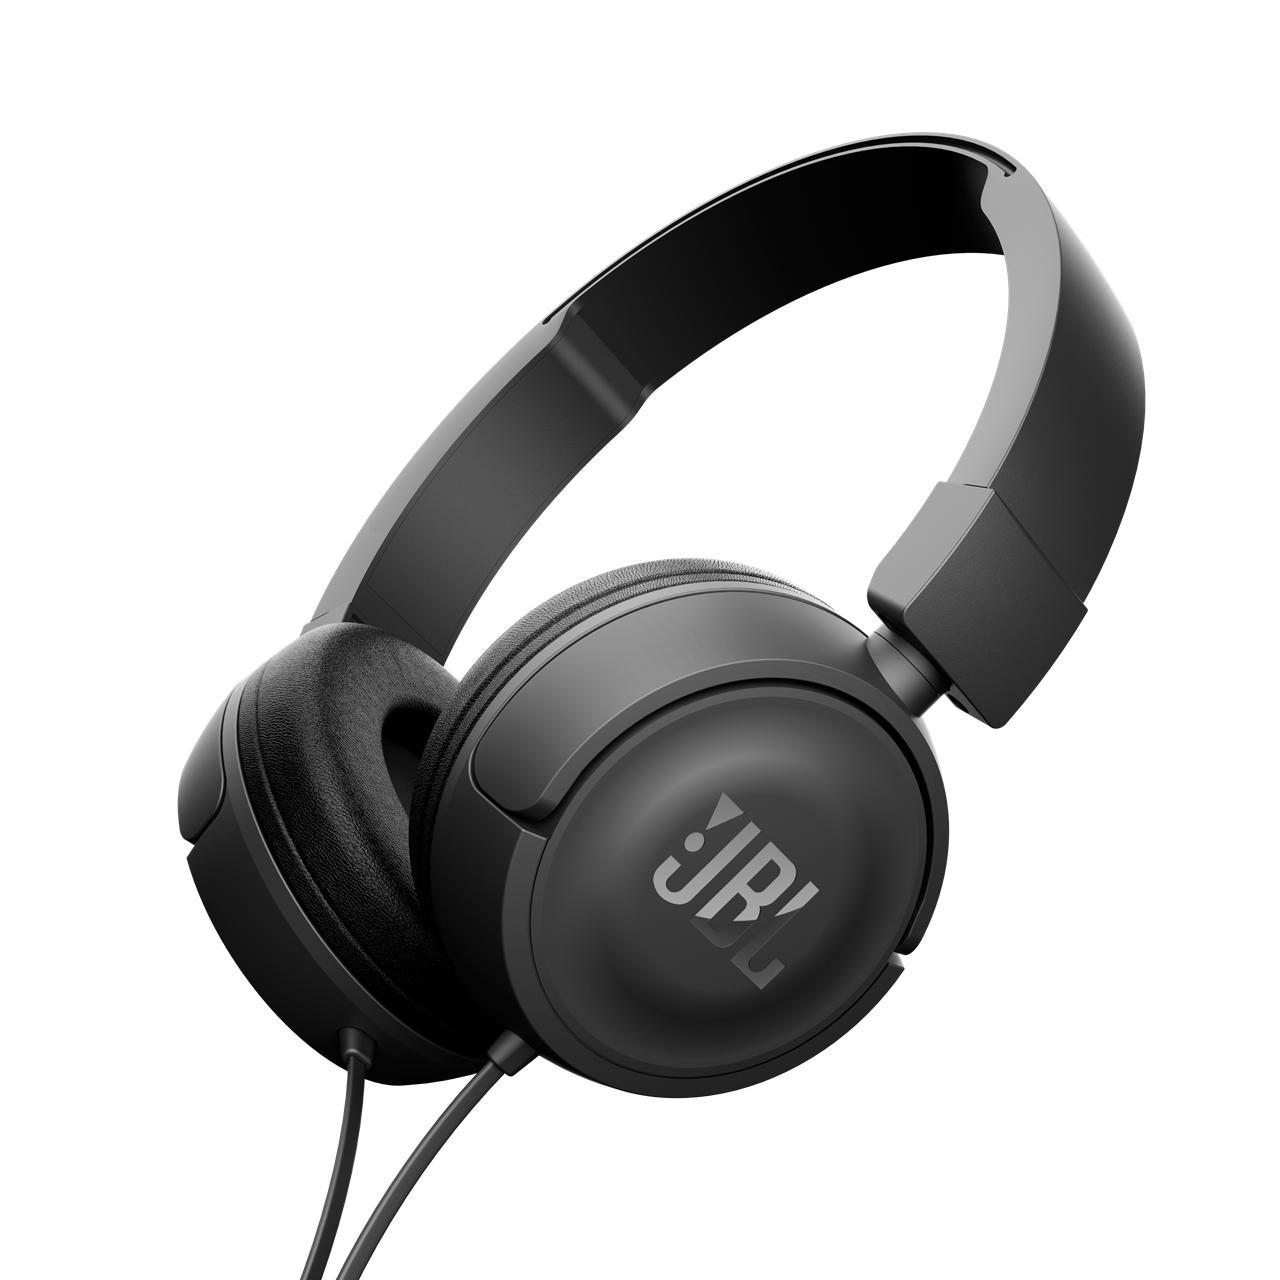 06f3bbda561 Earphones for sale - Bluetooth Earphones prices, brands & specs in ...